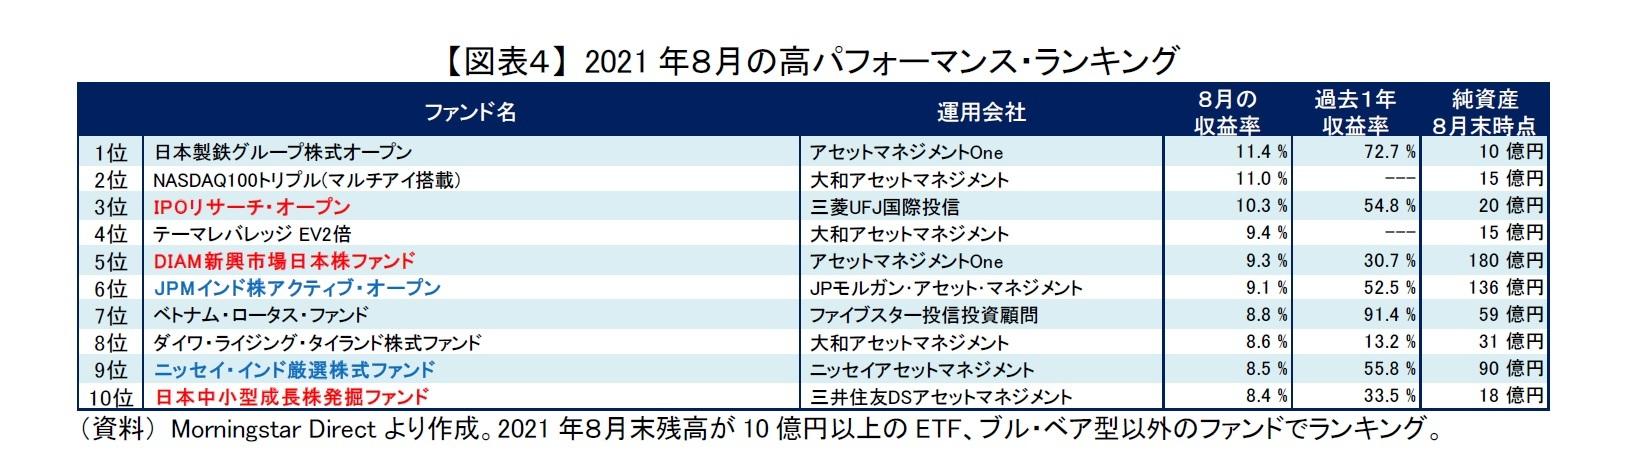 【図表4】 2021年8月の高パフォーマンス・ランキング